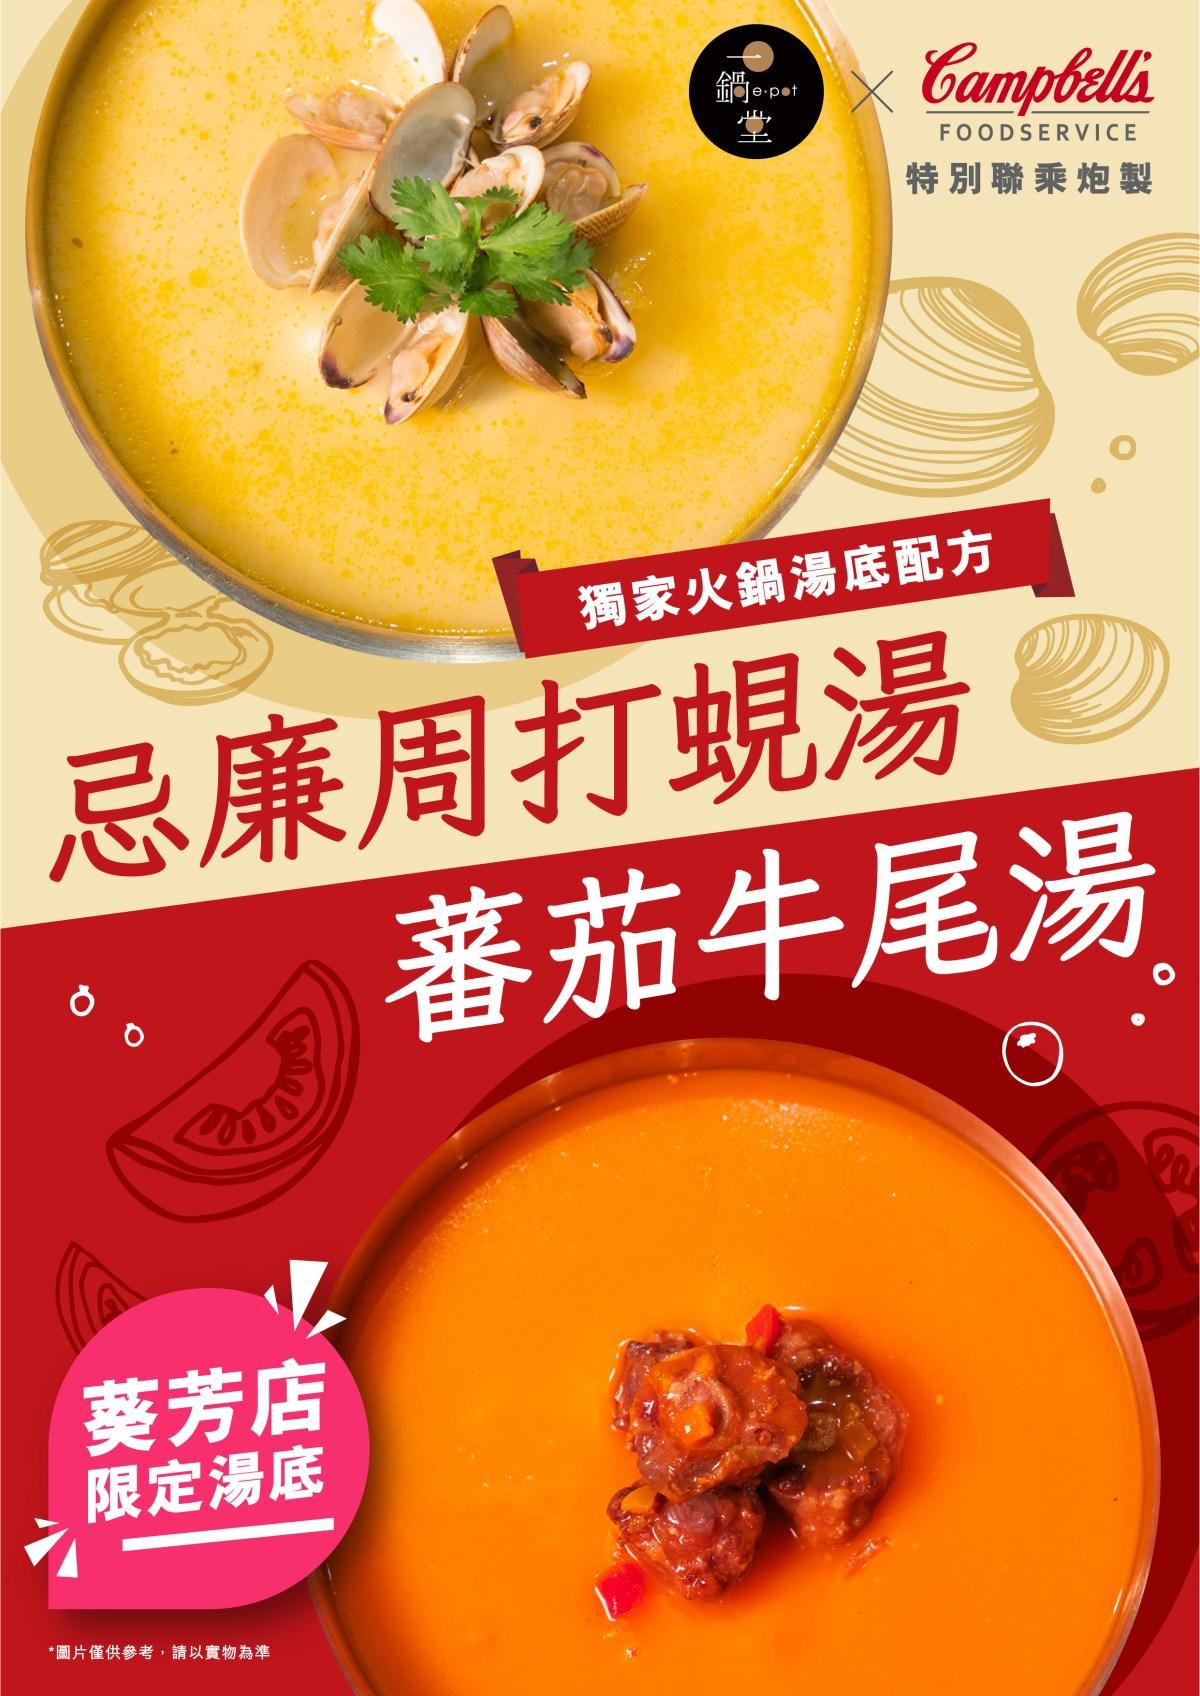 新店開幕仲聯乘「金寶湯」推出 3 款限定口味,蕃茄牛尾湯葵芳店限定,蕃茄羅勒湯就要到旺角及荃灣店。